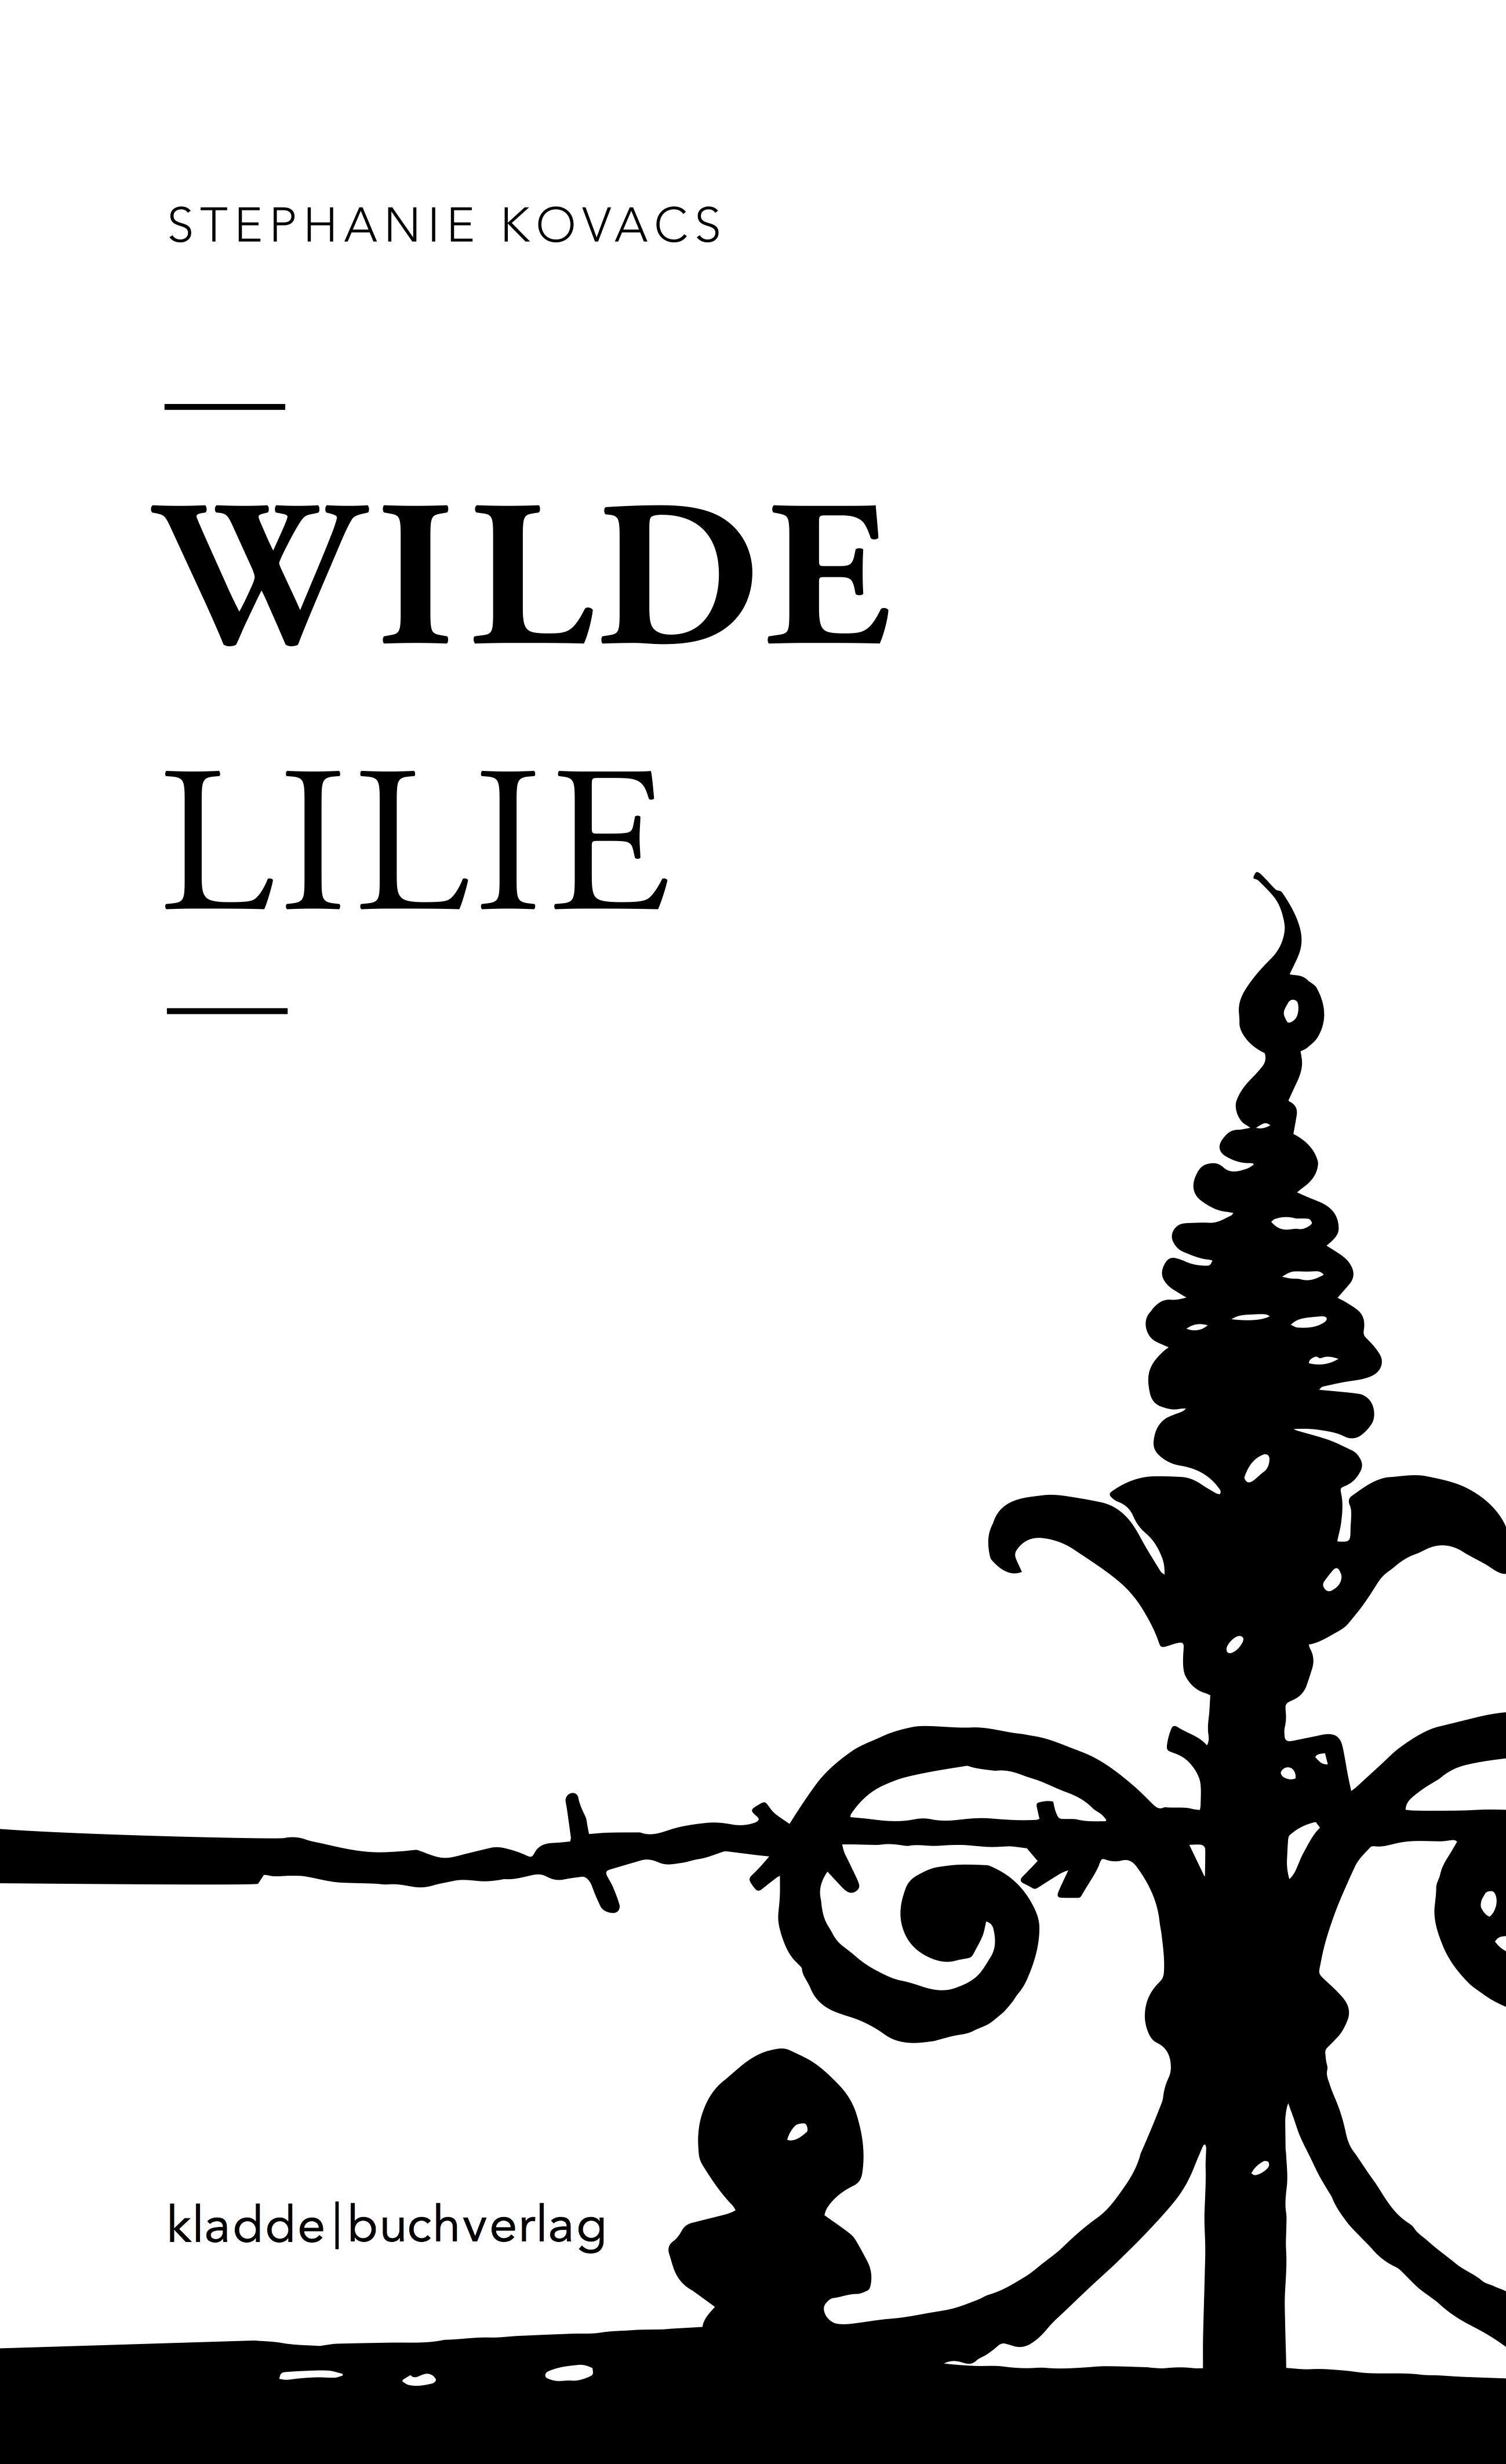 Buchcover - Wilde Lilie, kladdebuchverlag